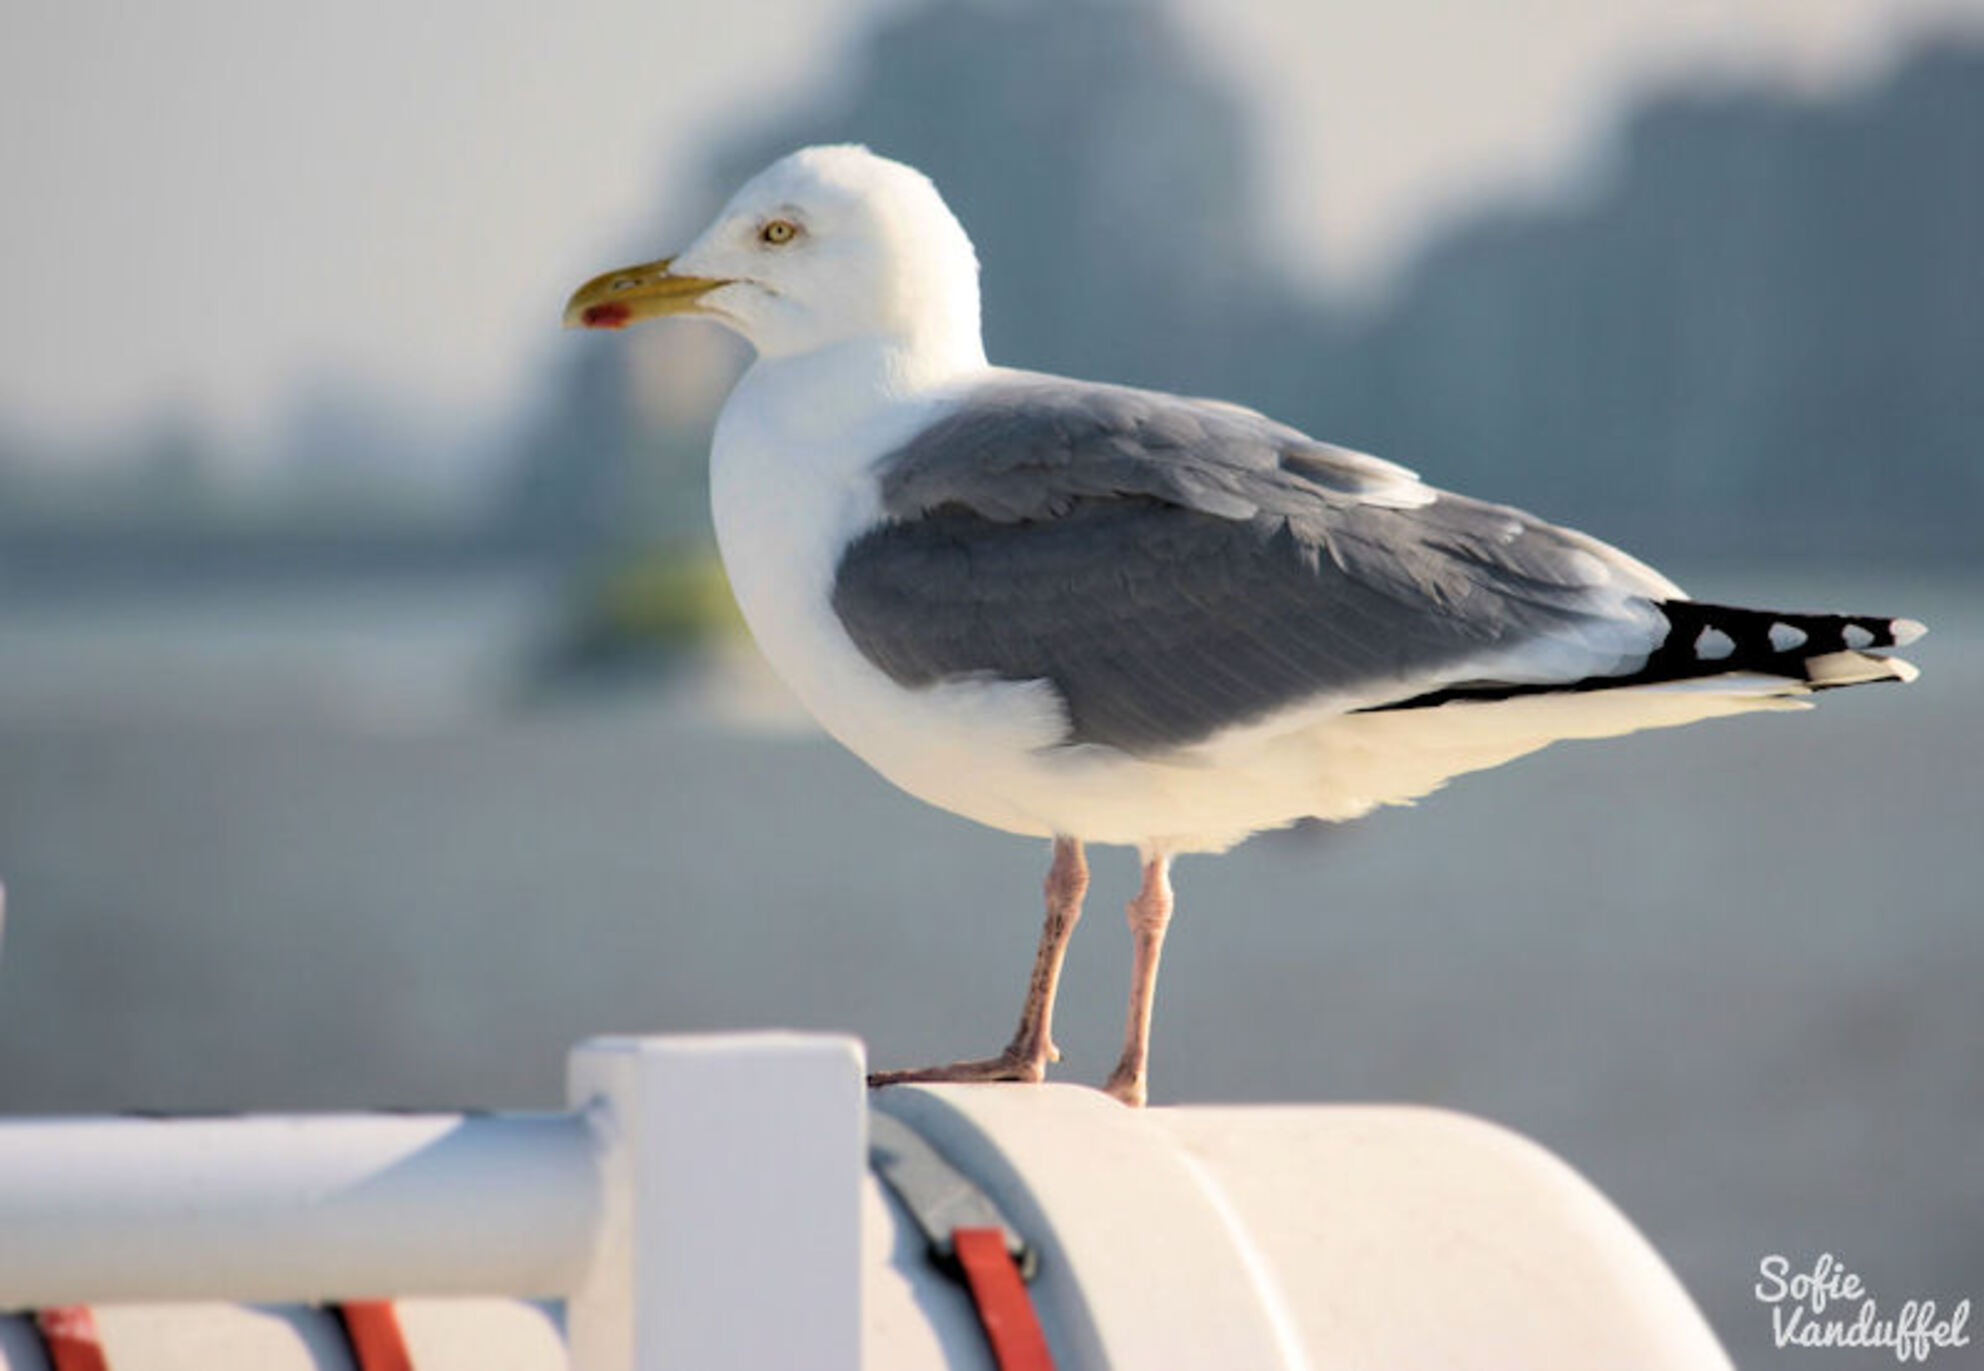 Rustige zeemeeuw - Meeuw op de boot van Breskens naar Vlissingen. - foto door sofievanduffel op 31-07-2013 - deze foto bevat: zee, meeuw, dieren, vogel, reizen, zeeland, nederland, Canon EOS 1000D - Deze foto mag gebruikt worden in een Zoom.nl publicatie